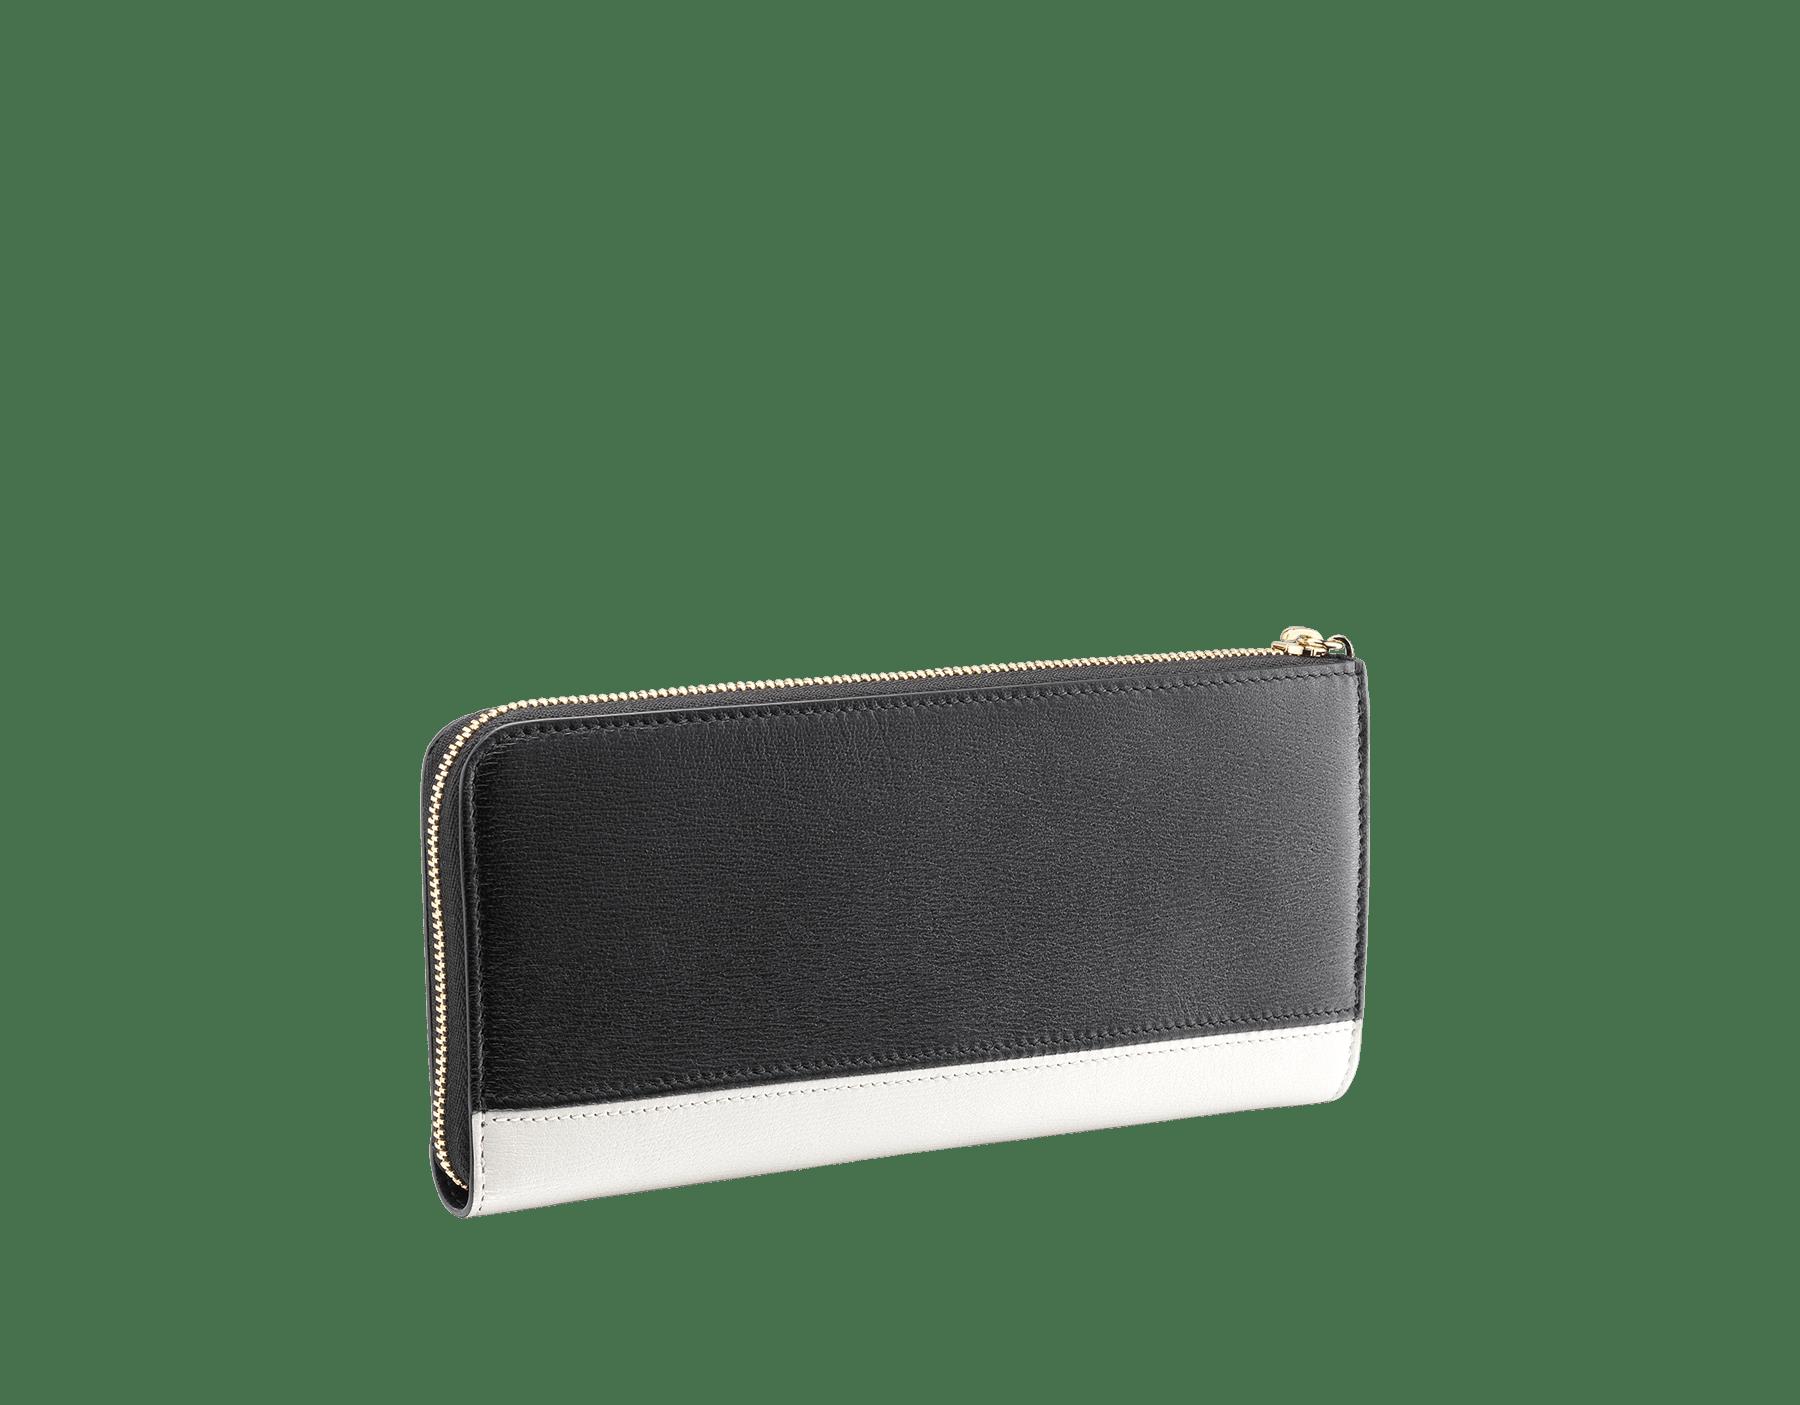 デイジートパーズとタフィークォーツのゴートスキン、およびタフィークォーツのナッパ製「ビー・ゼロワン」L型ジップ付きの財布。ブラスライトゴールドプレートのアイコニックな「ビー・ゼロワン」ロゴのジッププラー。 BZA-WLT-MZP-SLIM-L image 6